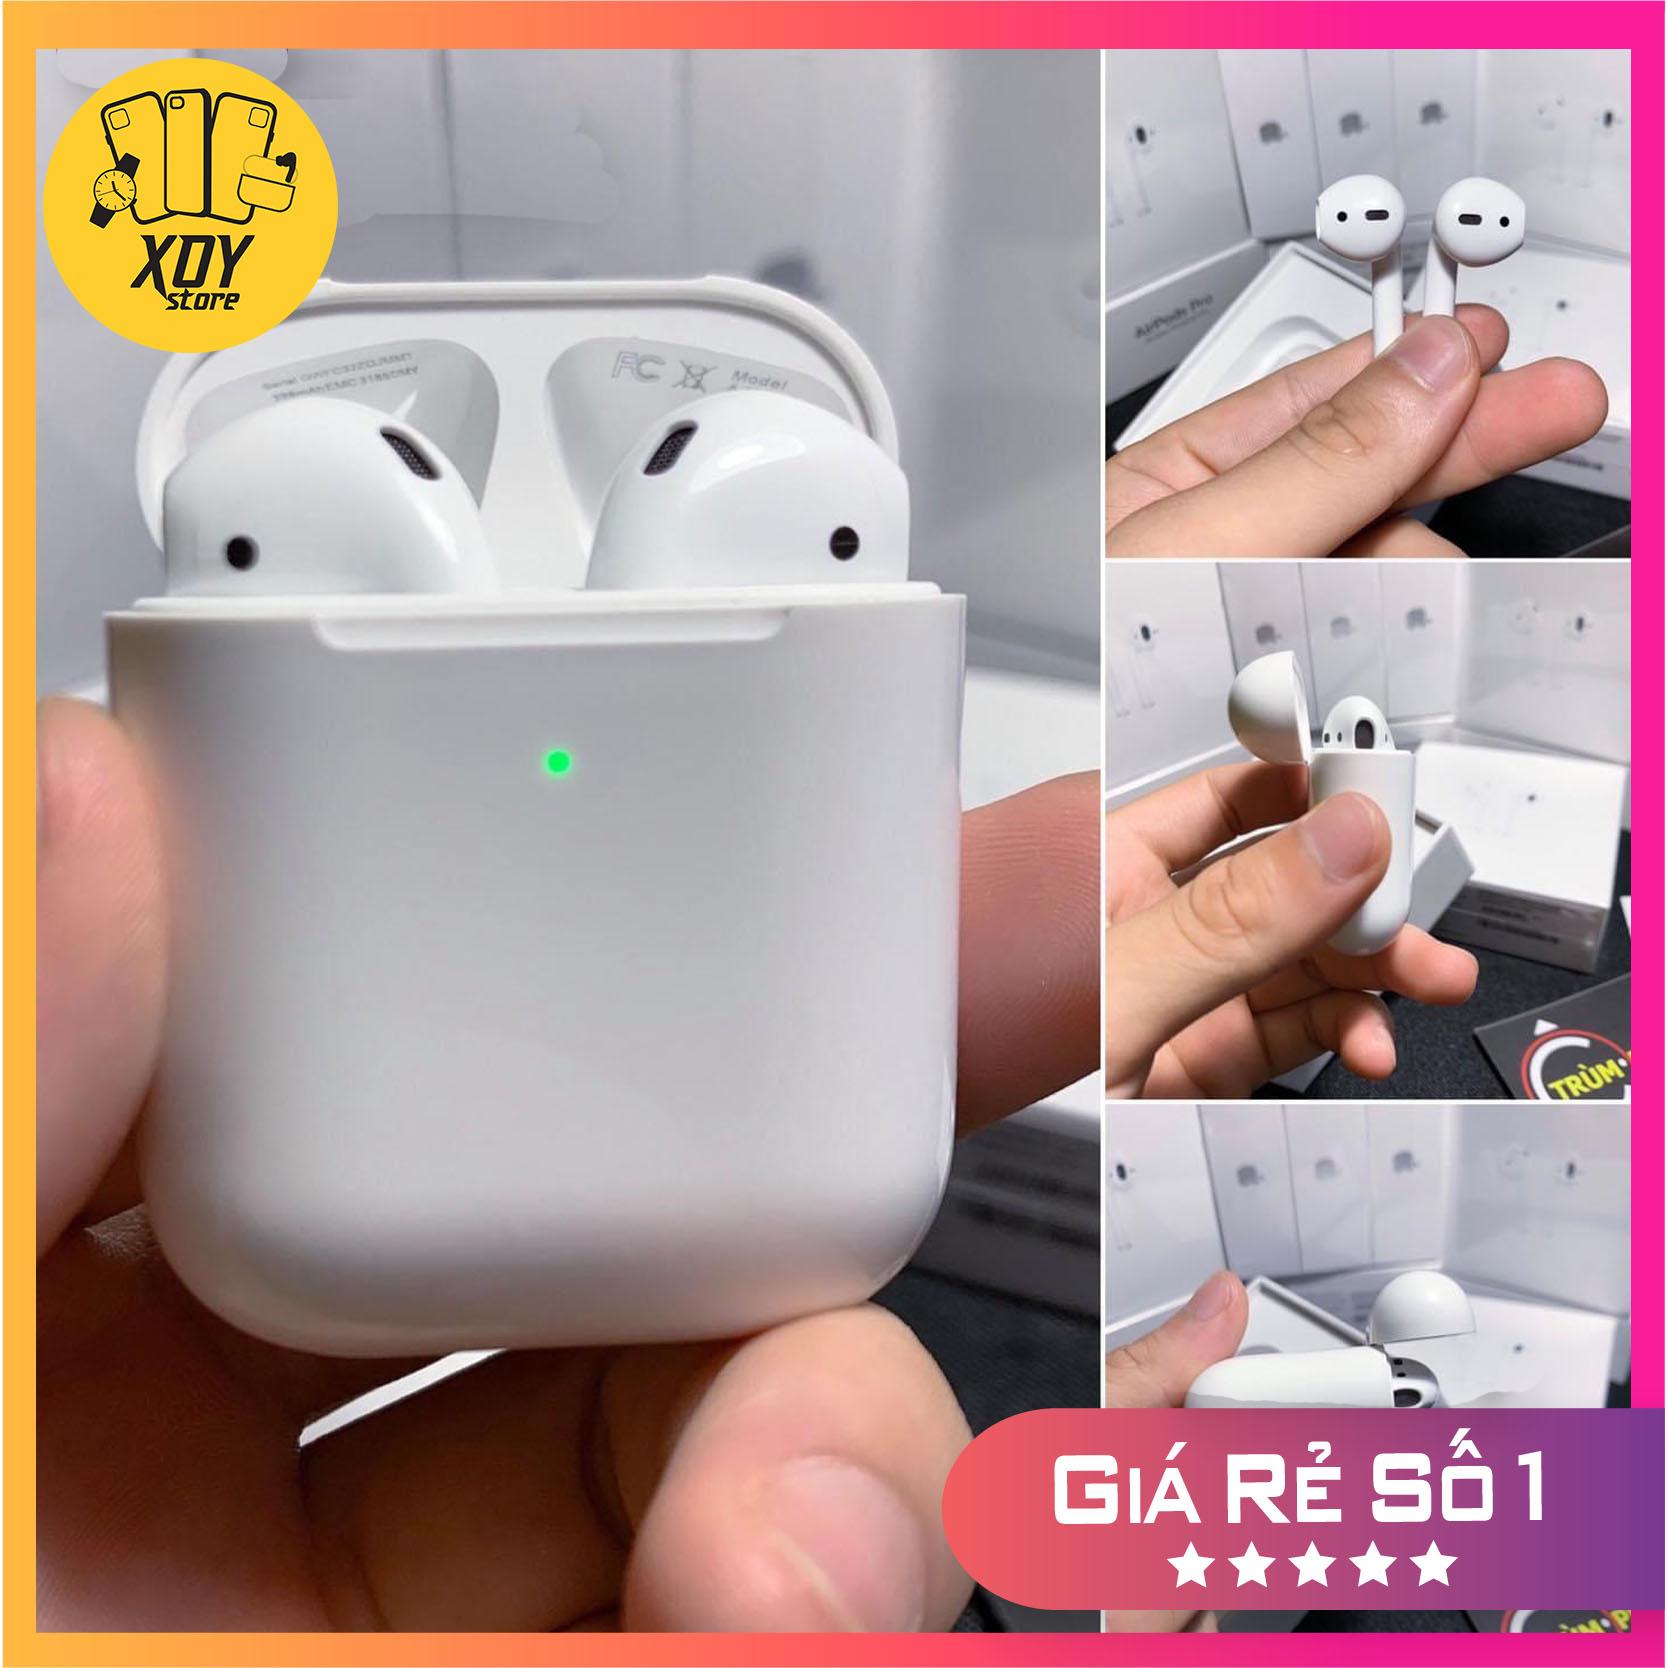 [Airpods 2]Tai nghe Bluetooth Airpods 2 – Bản full chức năng – Hỗ trợ sạc không dây - Bảo hành 1 đổi 1trong 3 tháng